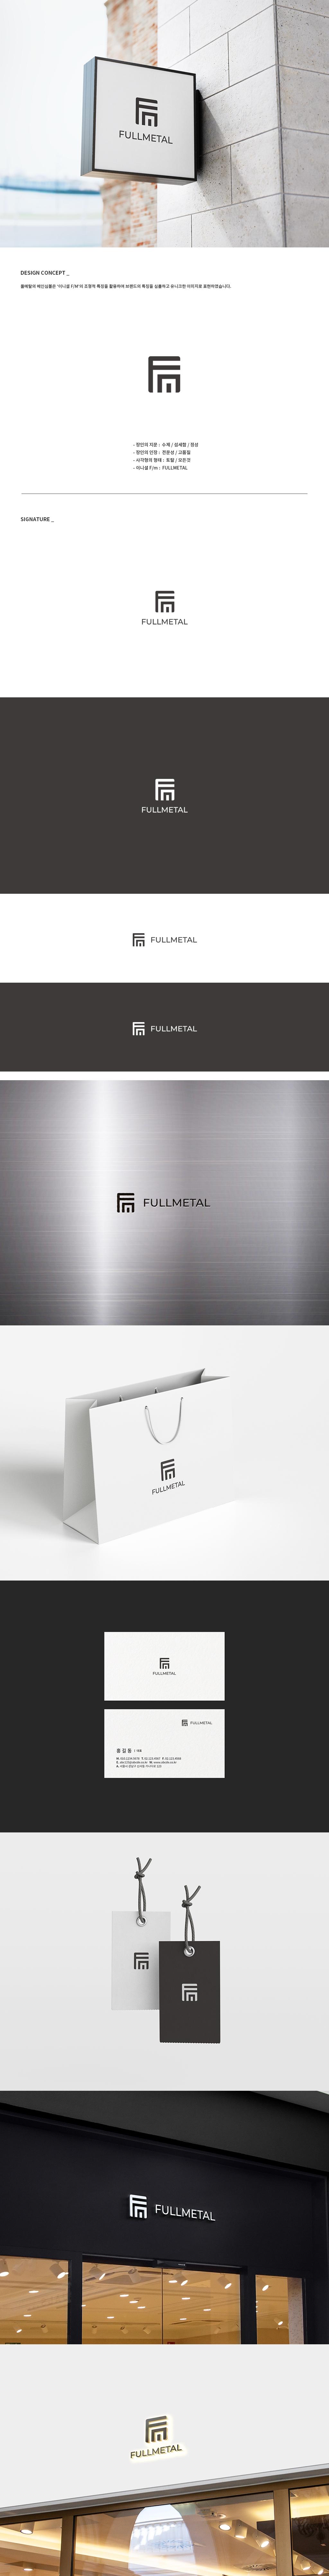 로고+명함 디자인 | 메탈 인테리어소품 제작 업체 로고 의뢰 | 라우드소싱 포트폴리오